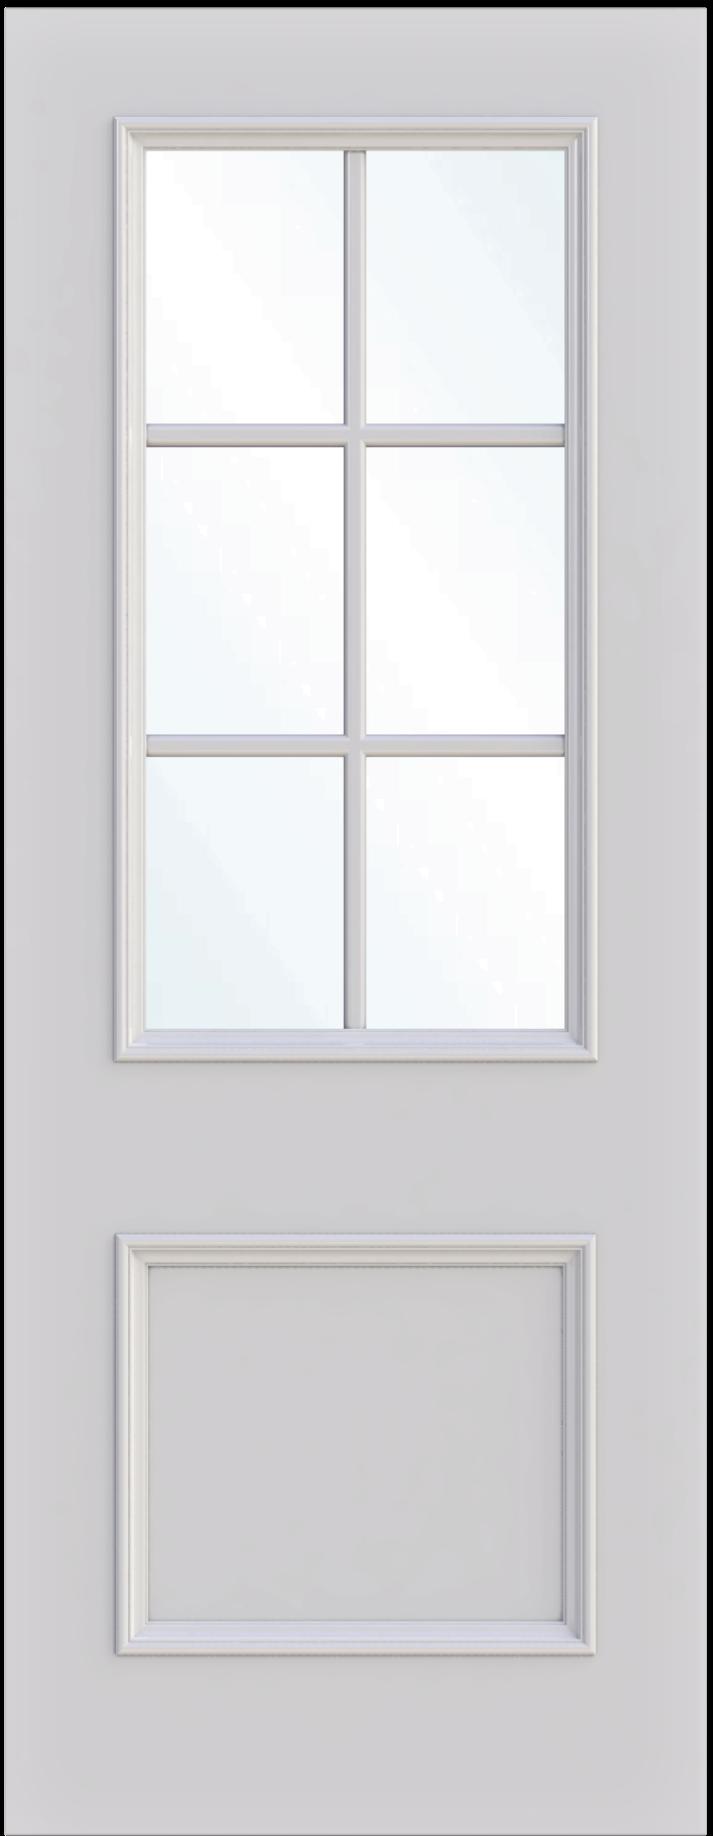 Manchester Single Glass Fire Door